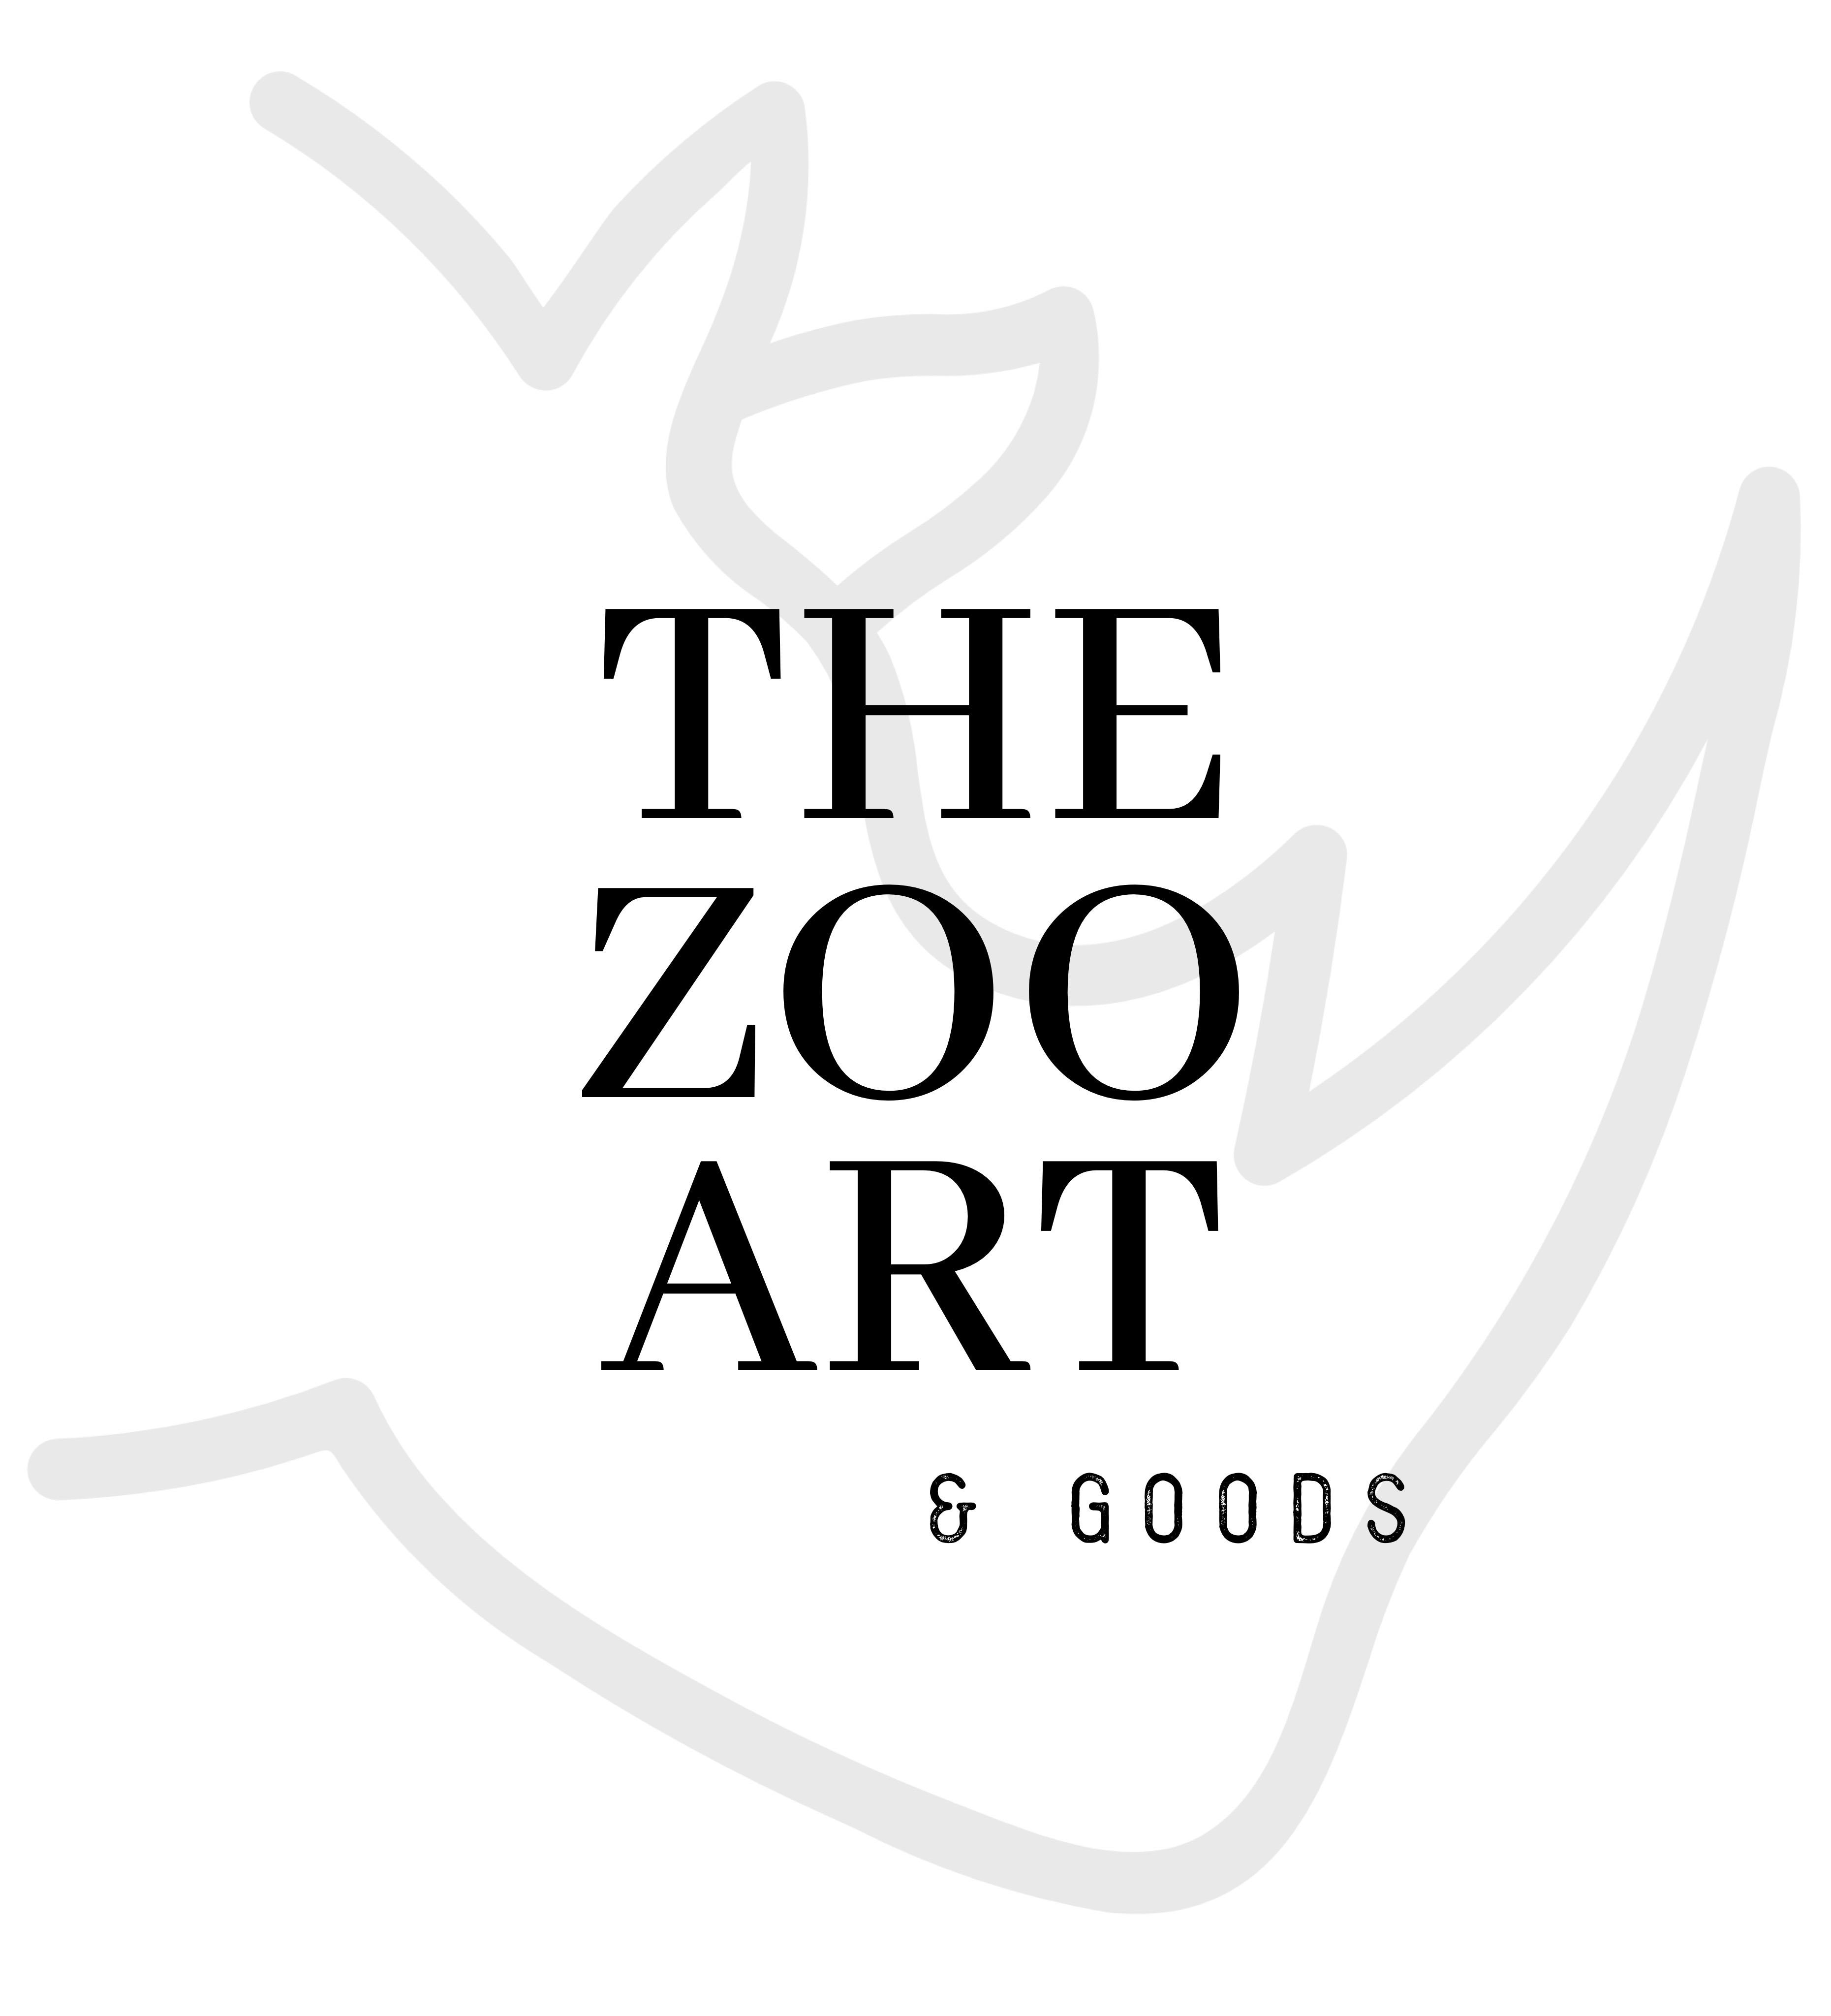 THE ZOO ART & GOODS 2020年6月15日オープン!